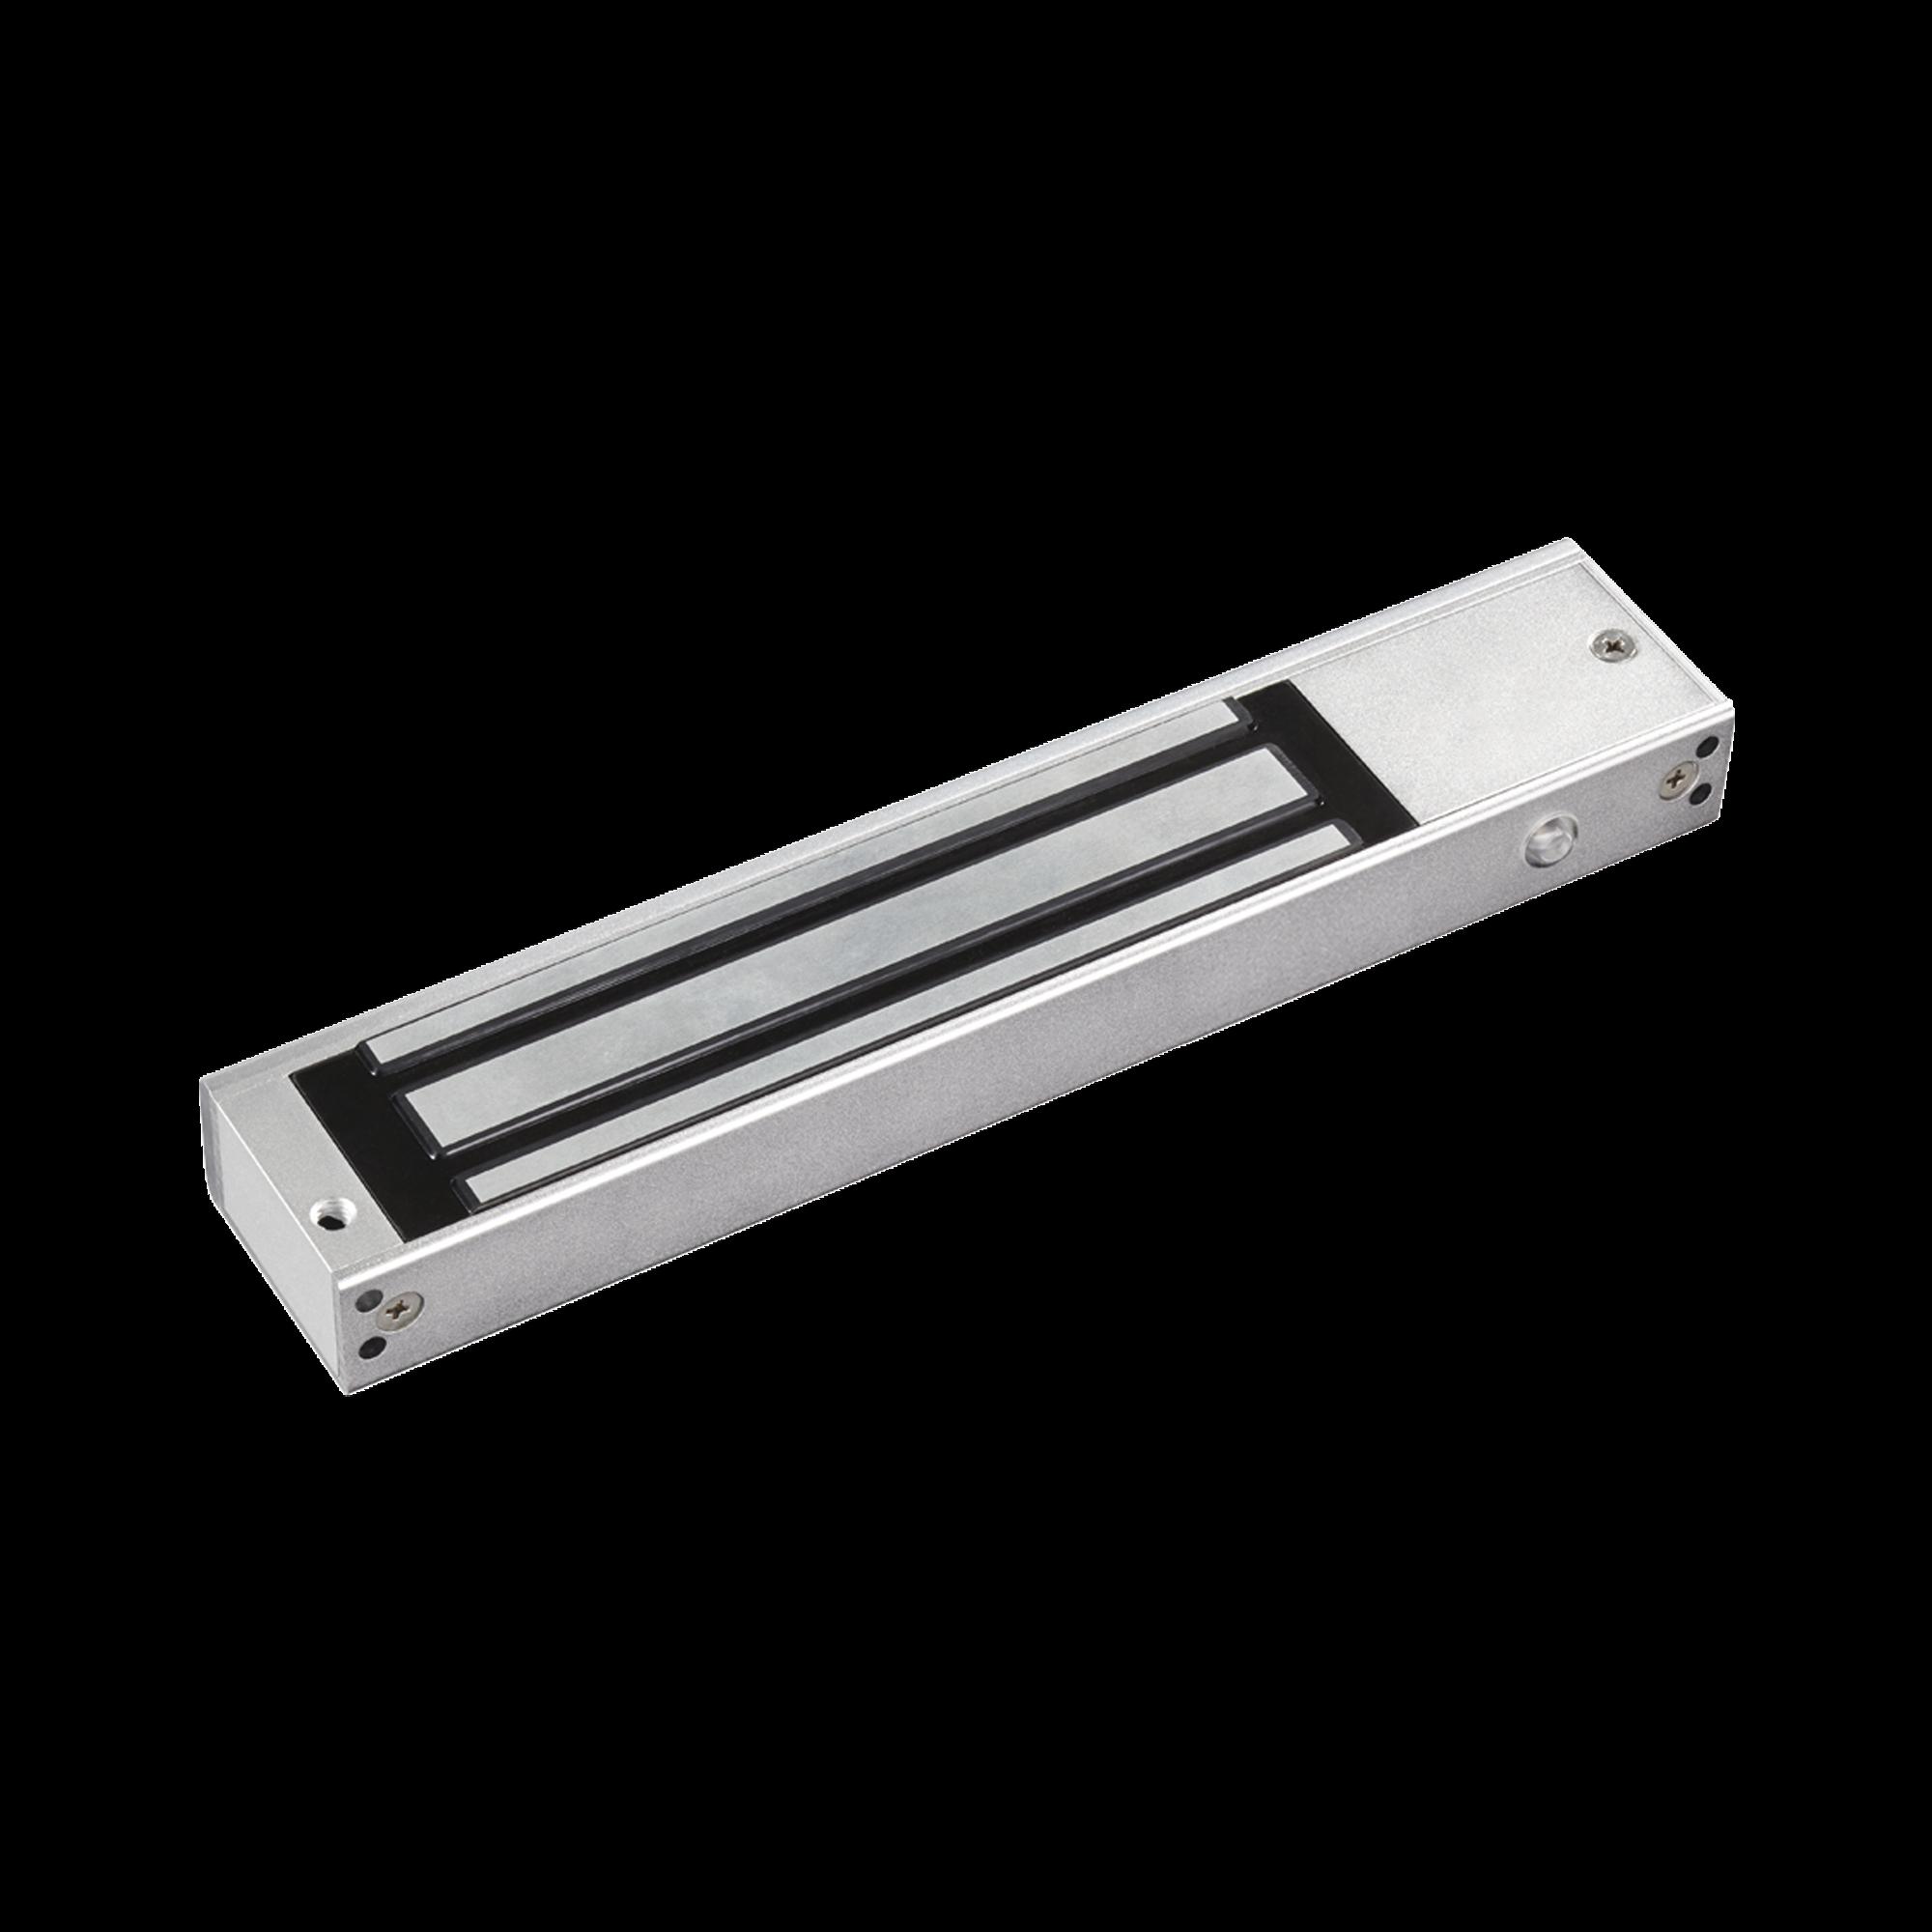 Chapa Magnética 600 lbs con LED/ Sensor de Bloqueo de Placa/ Temporizador